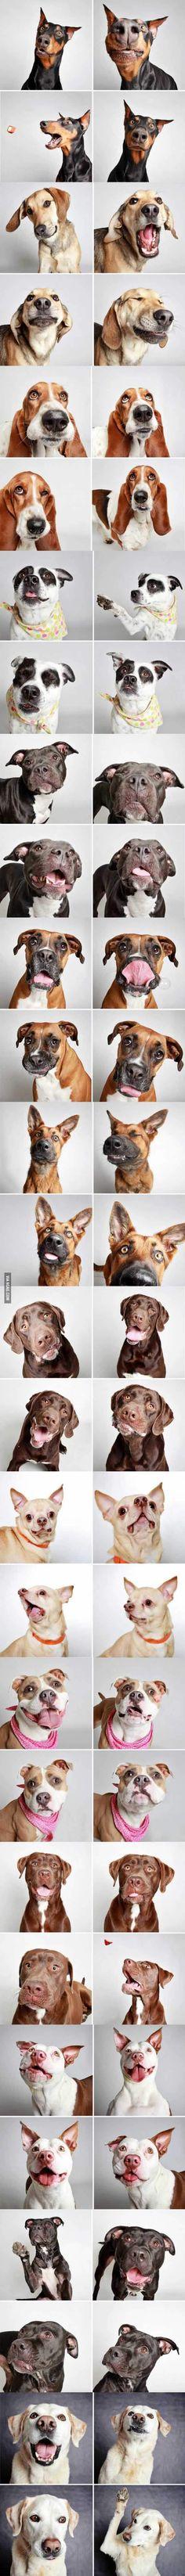 Humane Society of Utah sets up a dog photobooth to encourage adoptions